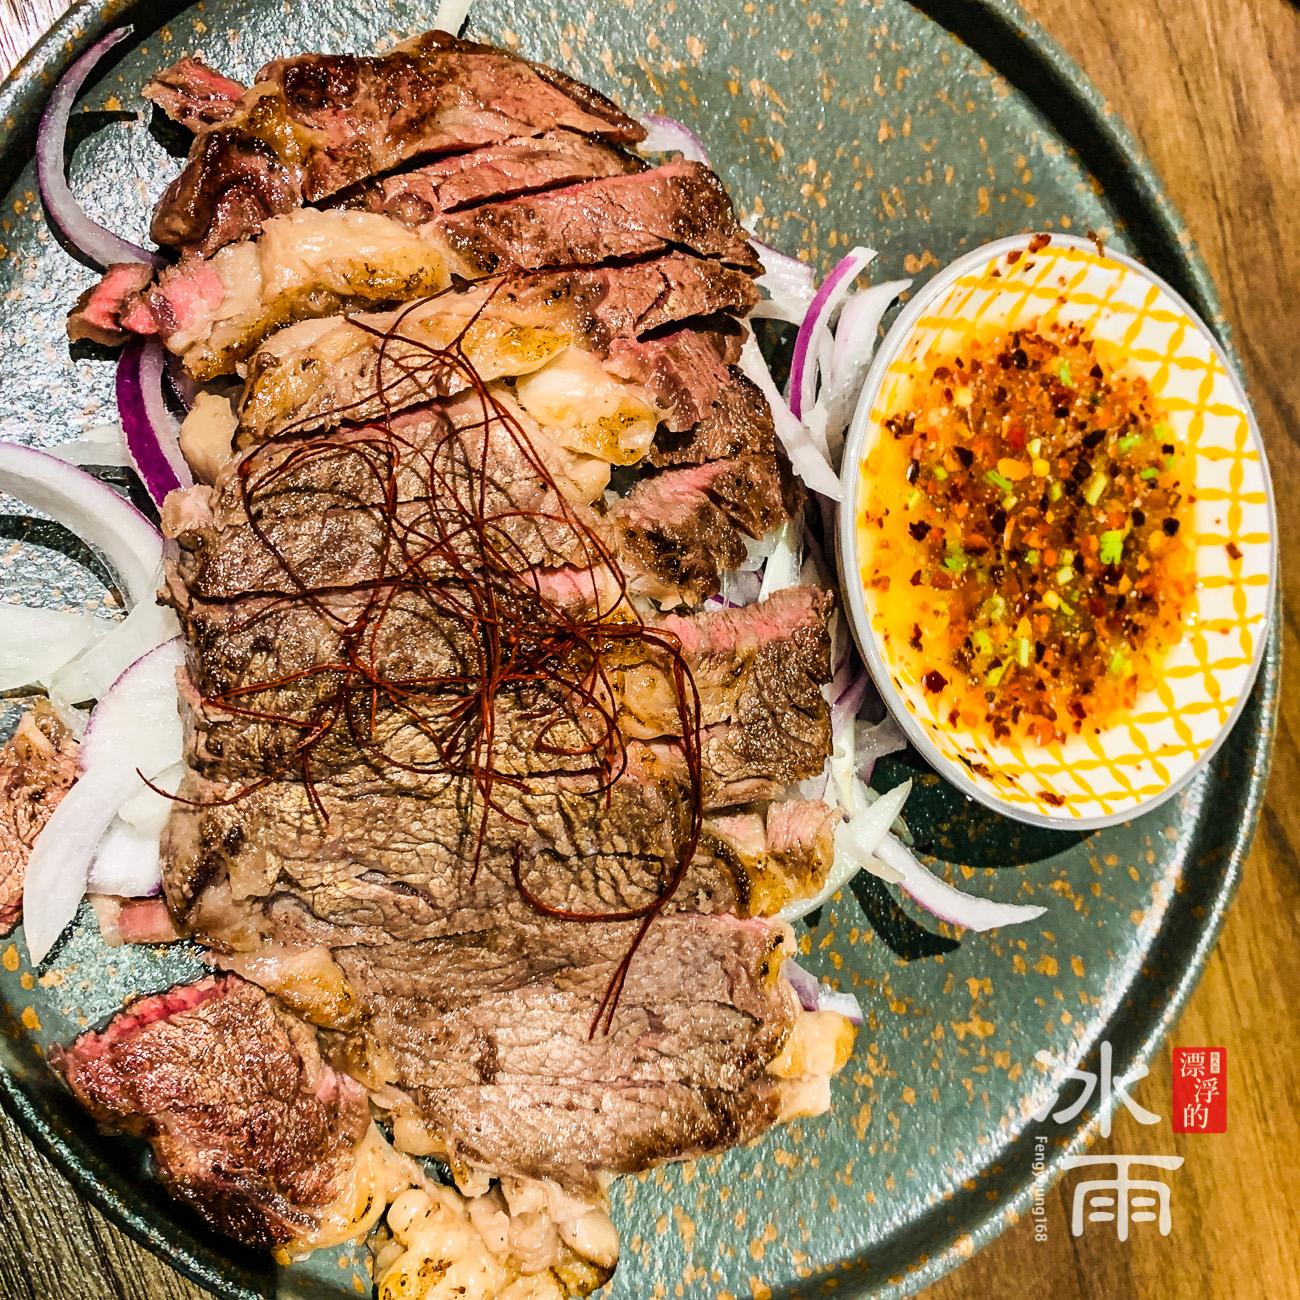 來自紐西蘭的牛肉,肉質非常好